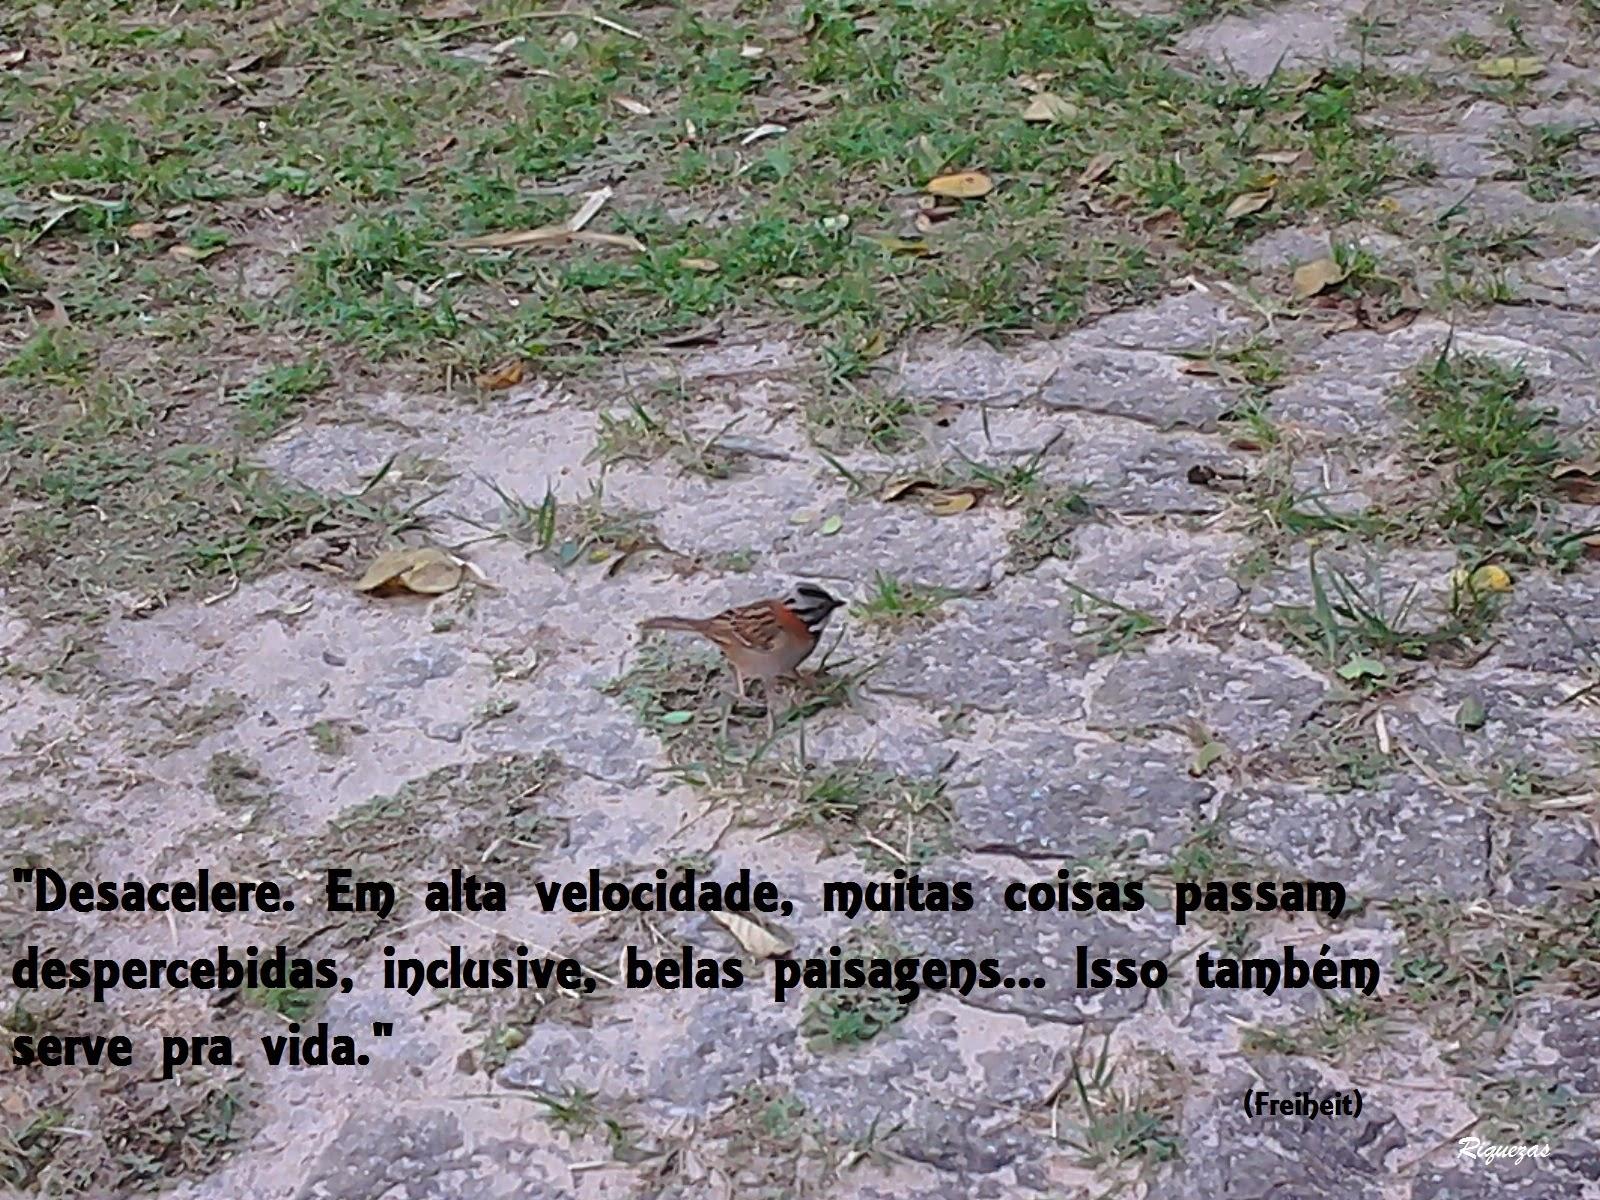 Foto tirada no Pico do Jaraguá